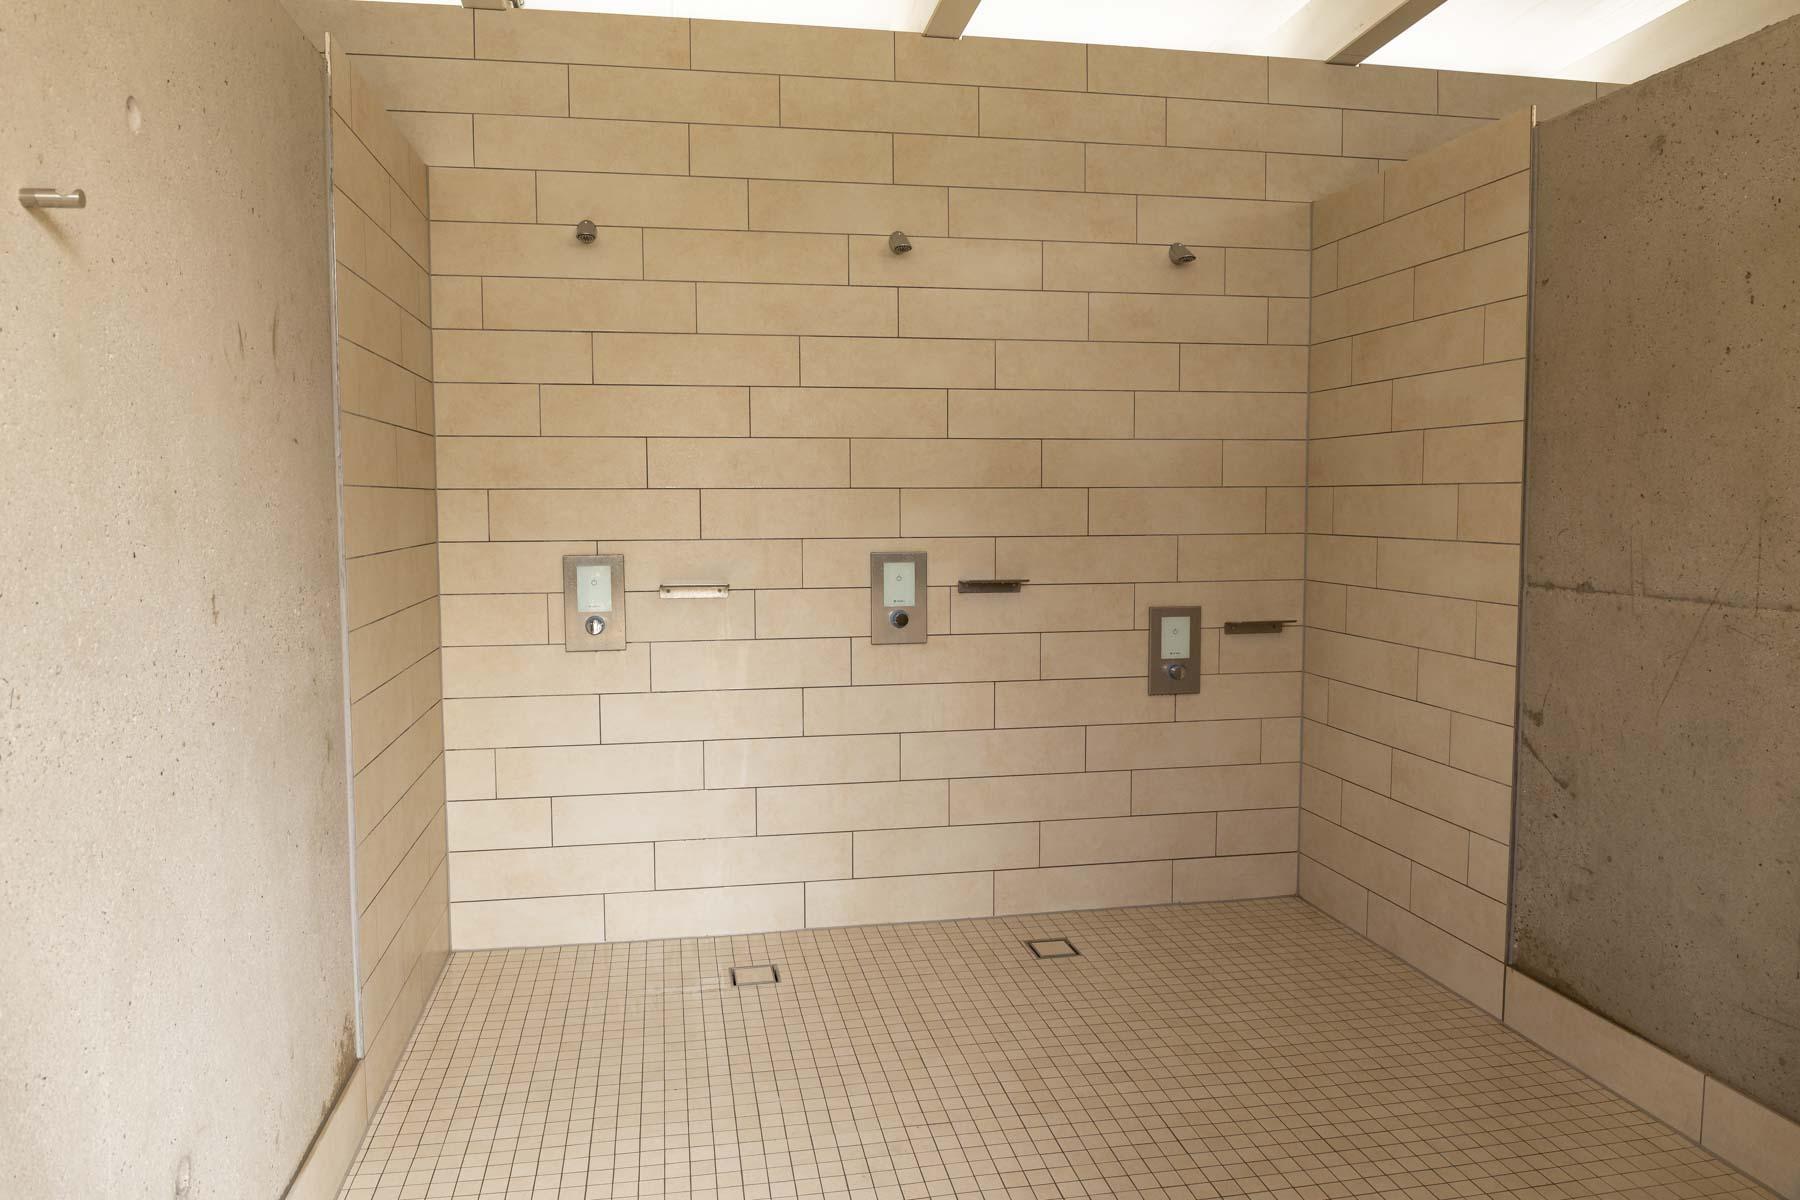 Schwimmbad Offenburg, professionelle Sanierung der Sanitärtechnik von den Sanitärexperten der Knopf Haustechnik